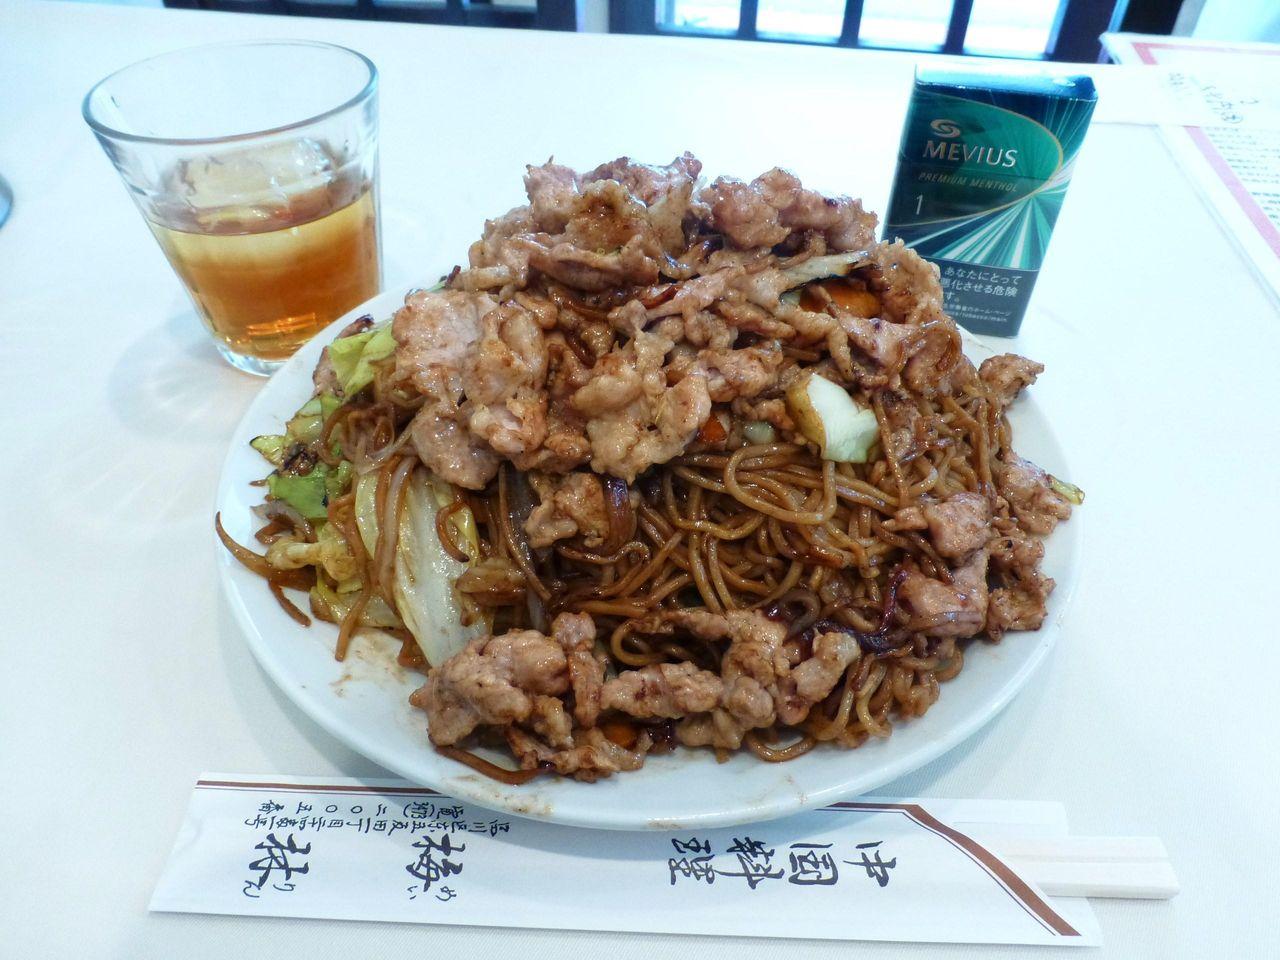 うわ〜デカッ!肉ソース焼きそば大盛1,050円